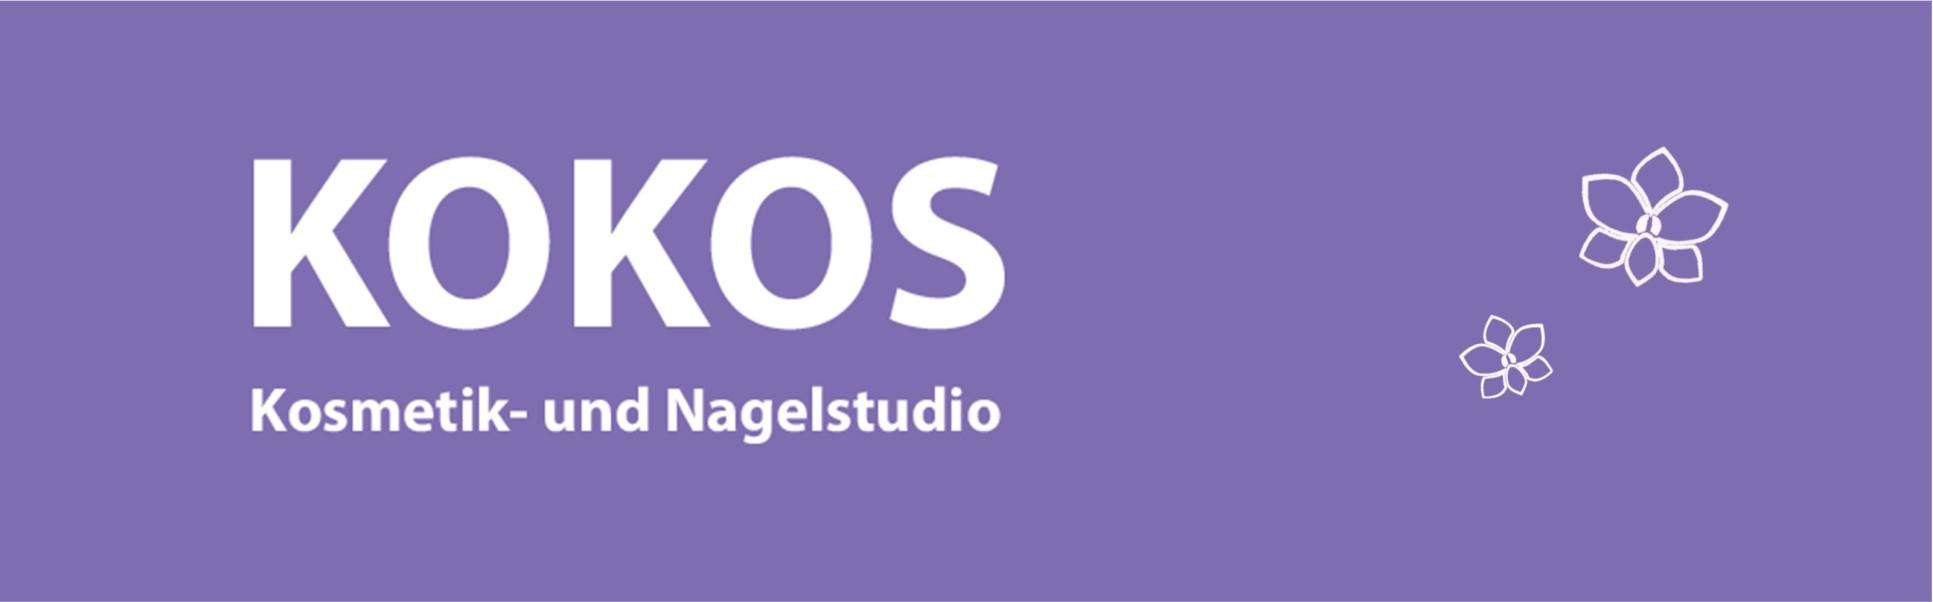 Kokos_Kosmetik-und-Nagelstudio-4-1933x602.png